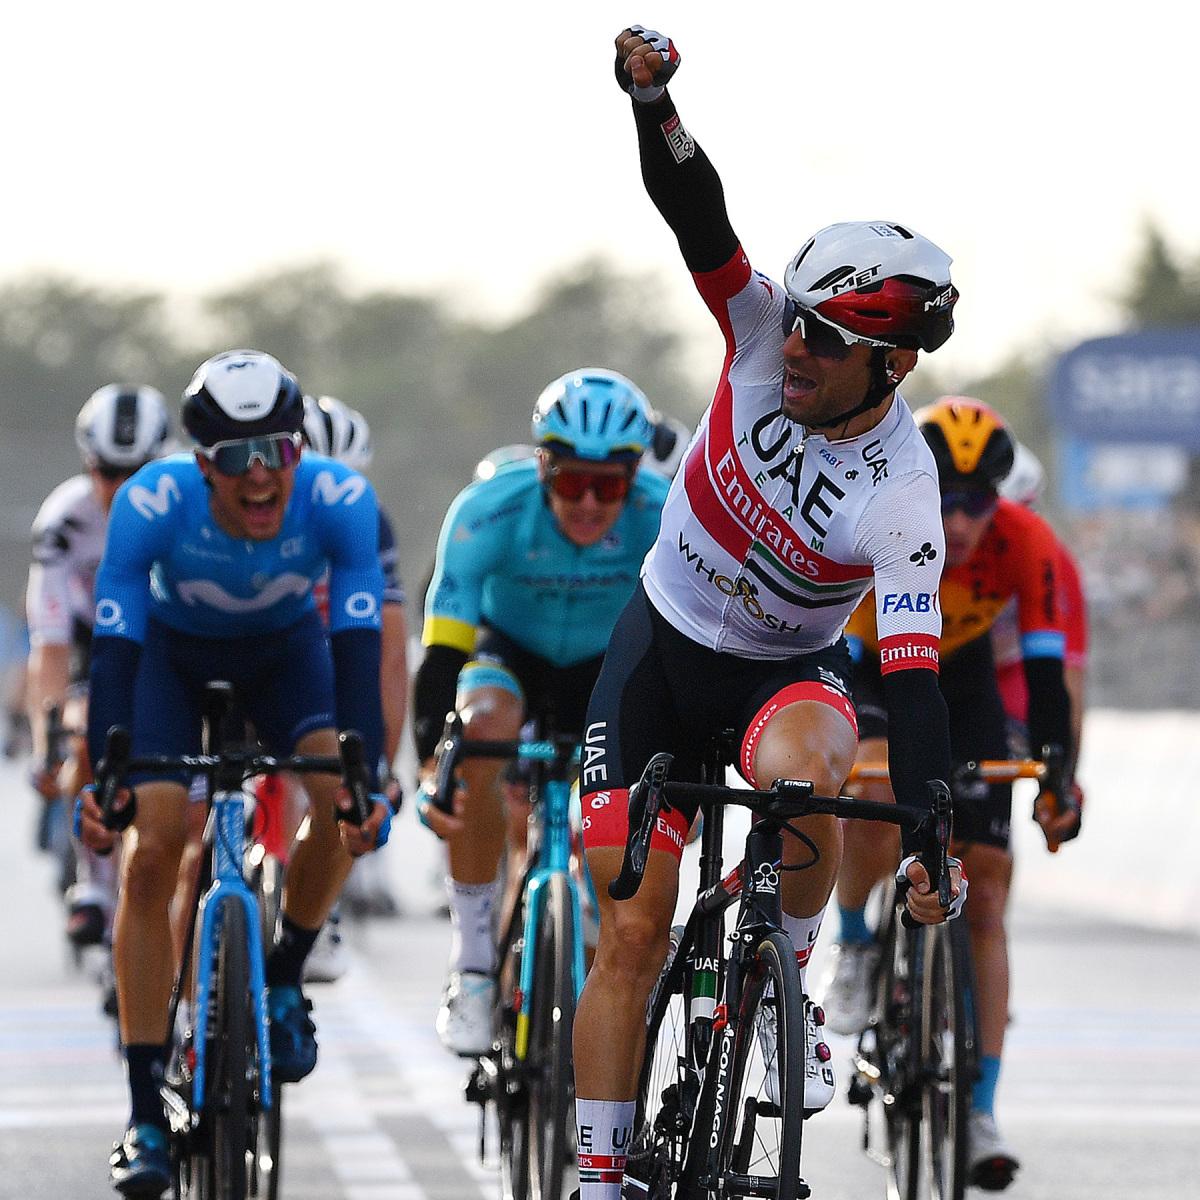 Diego Ulissi OK, um das Training wieder aufzunehmen, Caja Rural dankbar für die Rückkehr von Vuelta – VeloNews.com